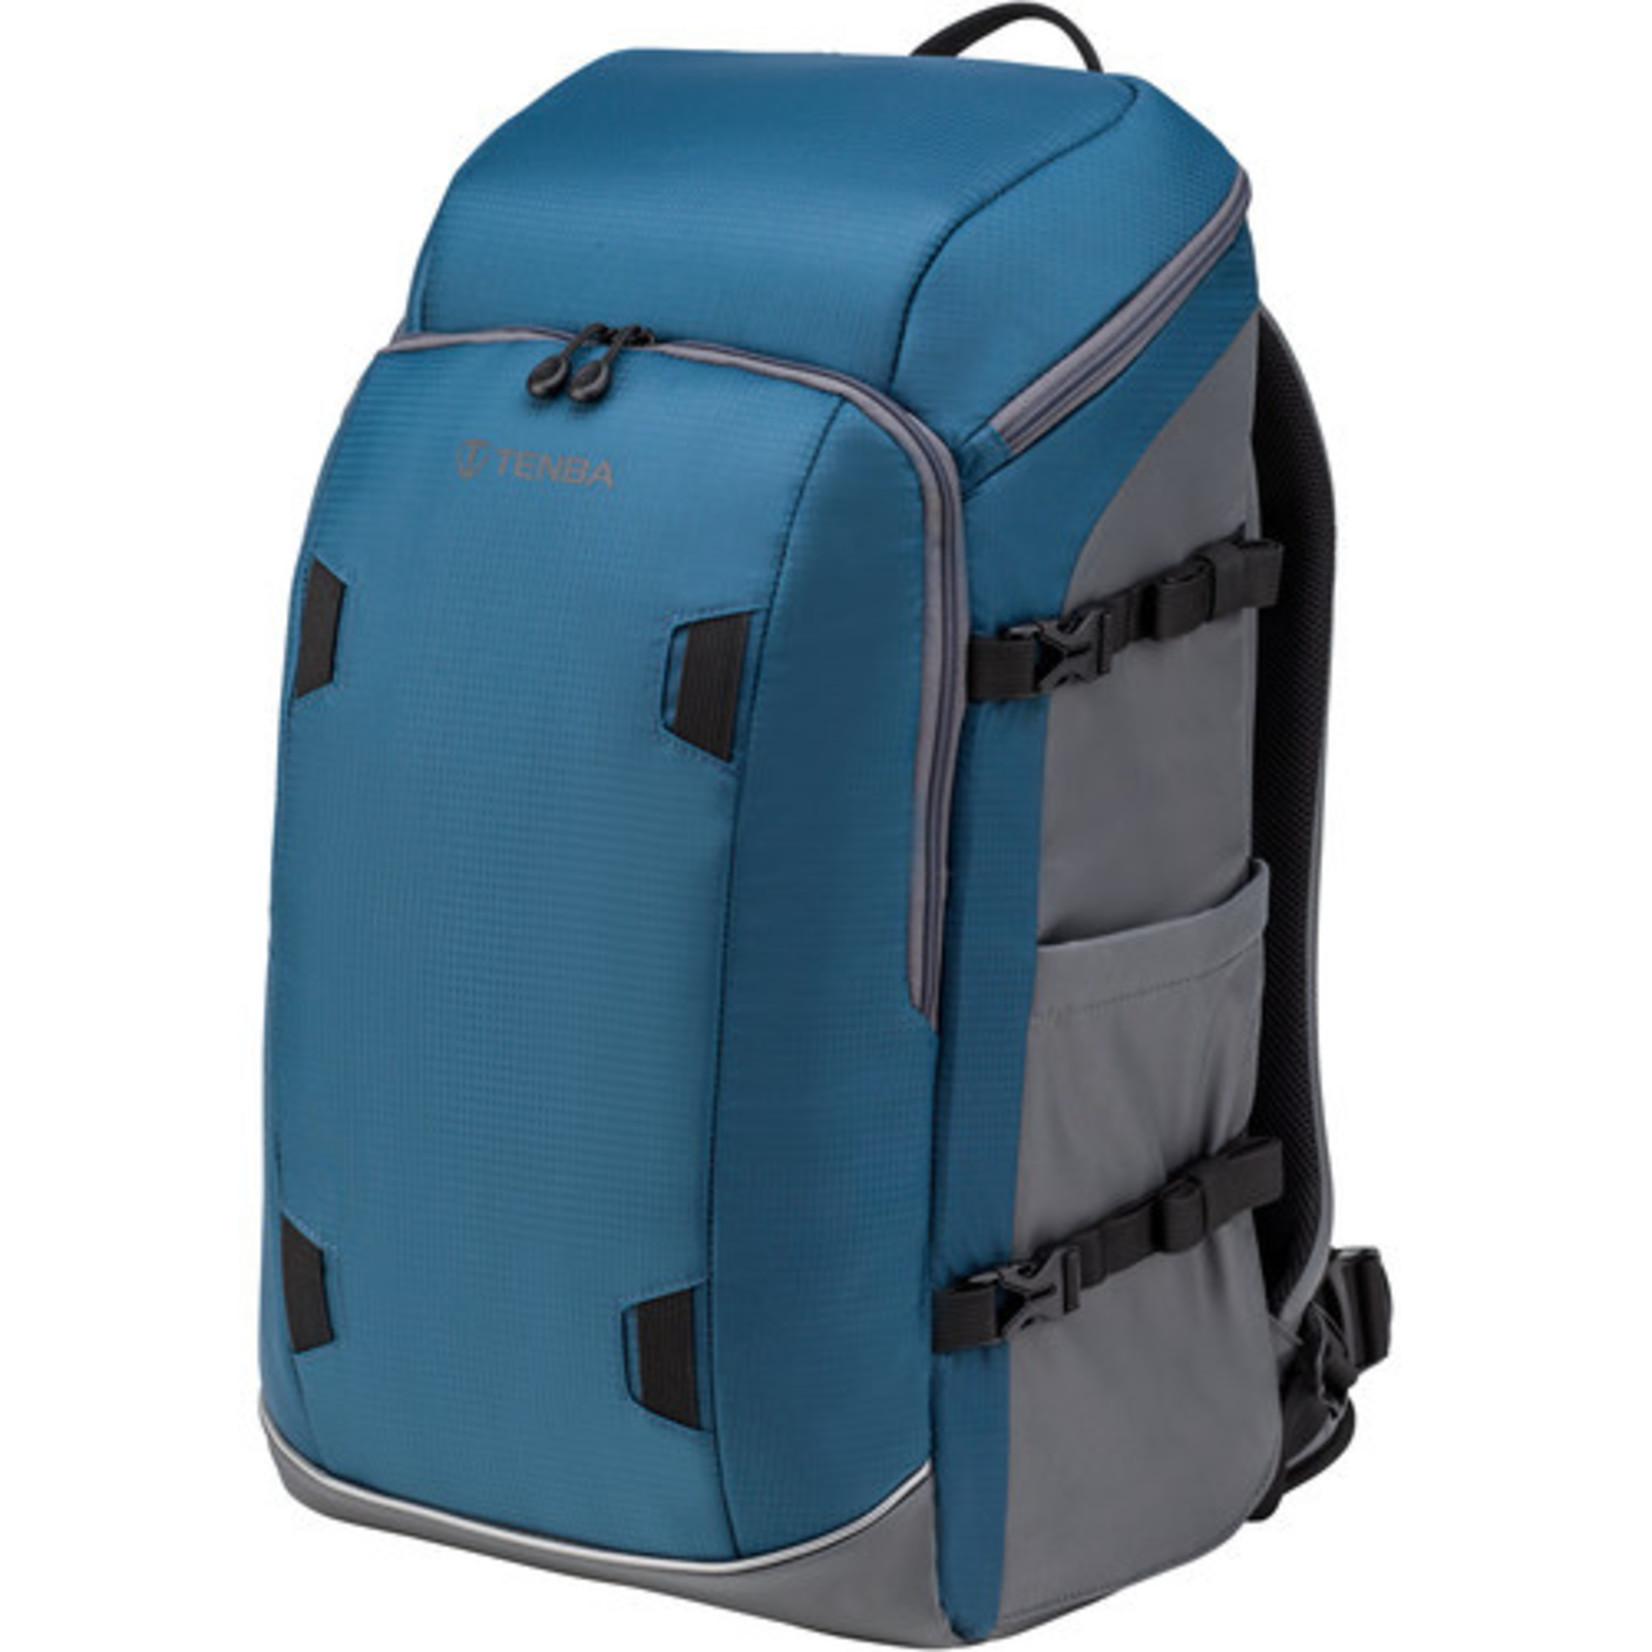 Tenba Tenba Solstice 24L Camera Backpack (Blue)